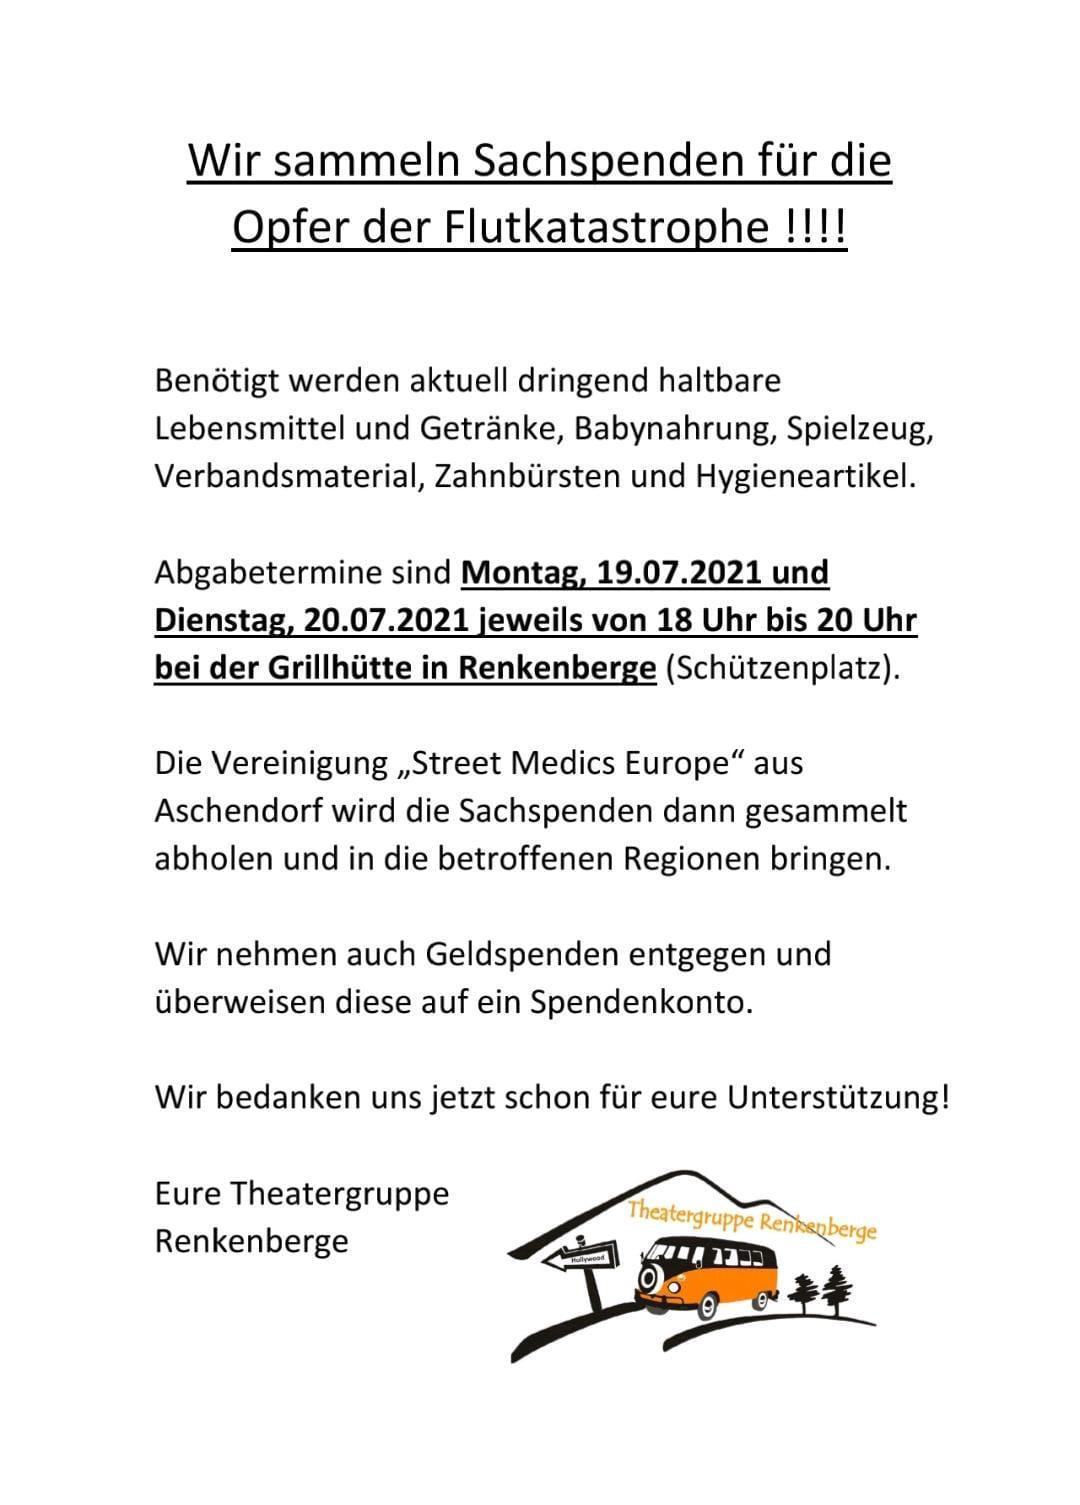 Theatergruppe Renkenberge sammelt Sachspenden für die Opfer der Flutkatastrophe